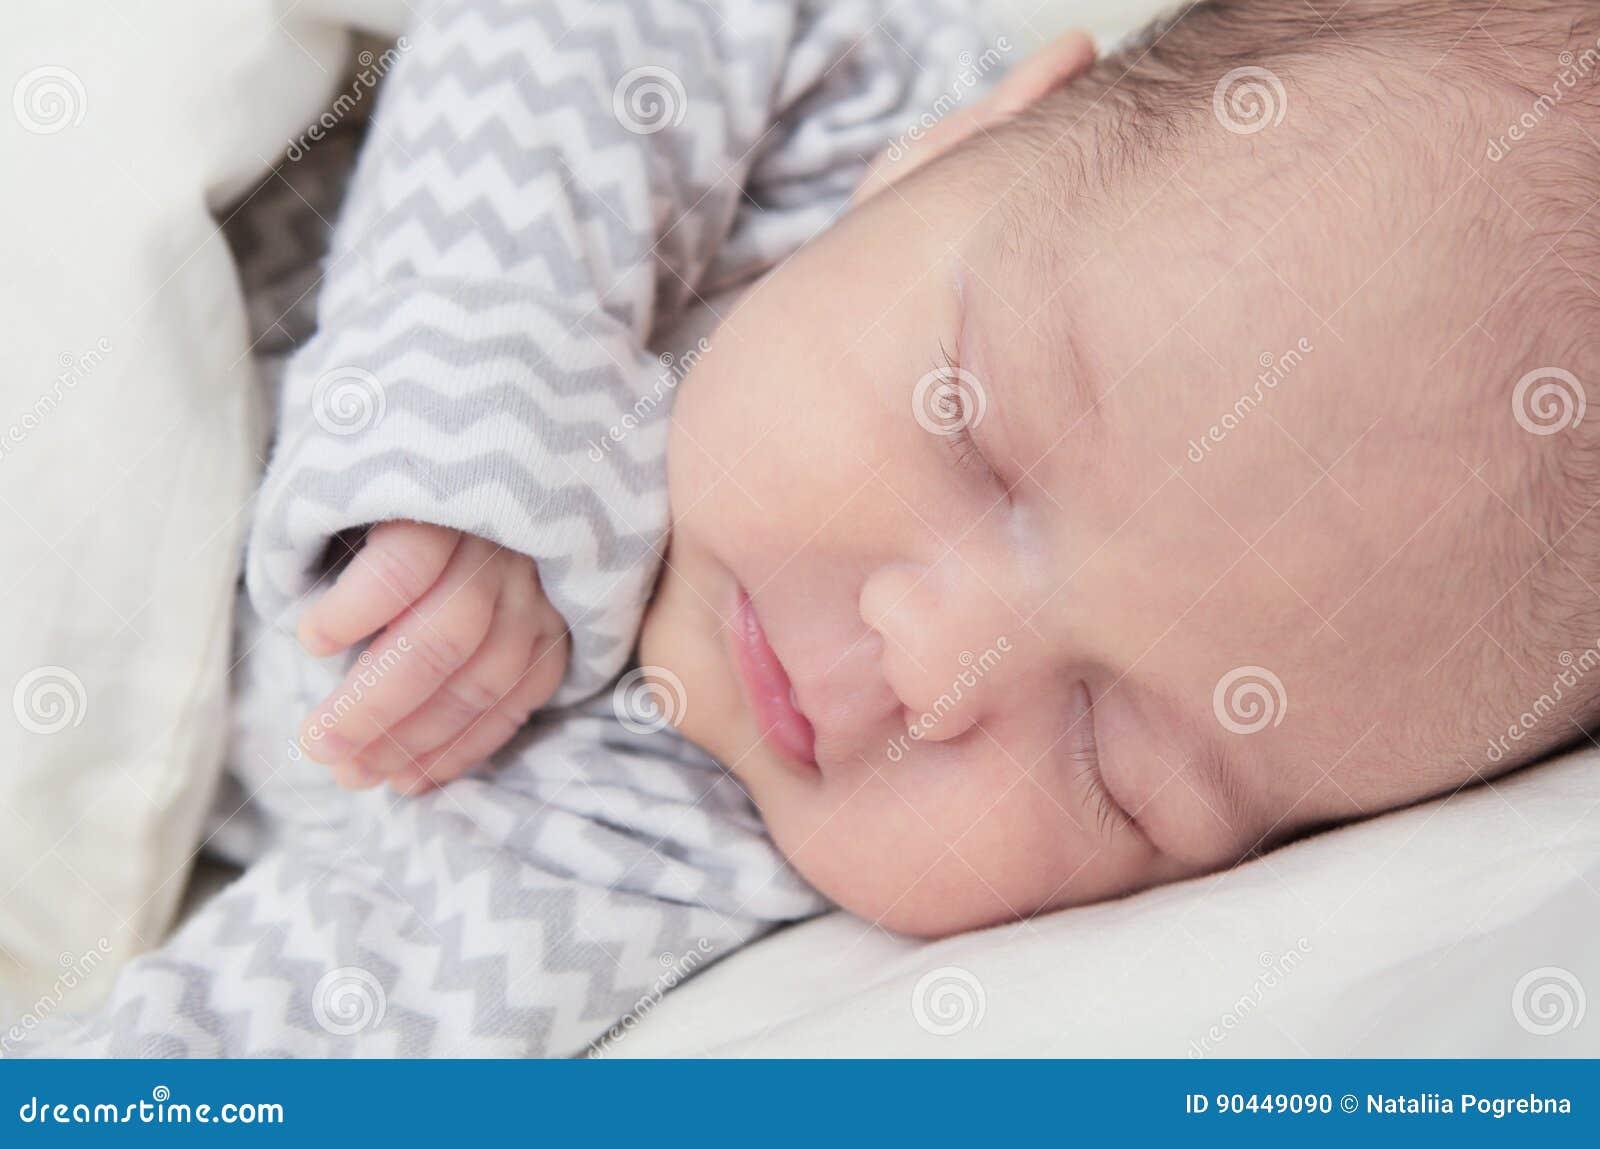 Bébé nouveau-né mignon dormant, un mois, plan rapproché de visage